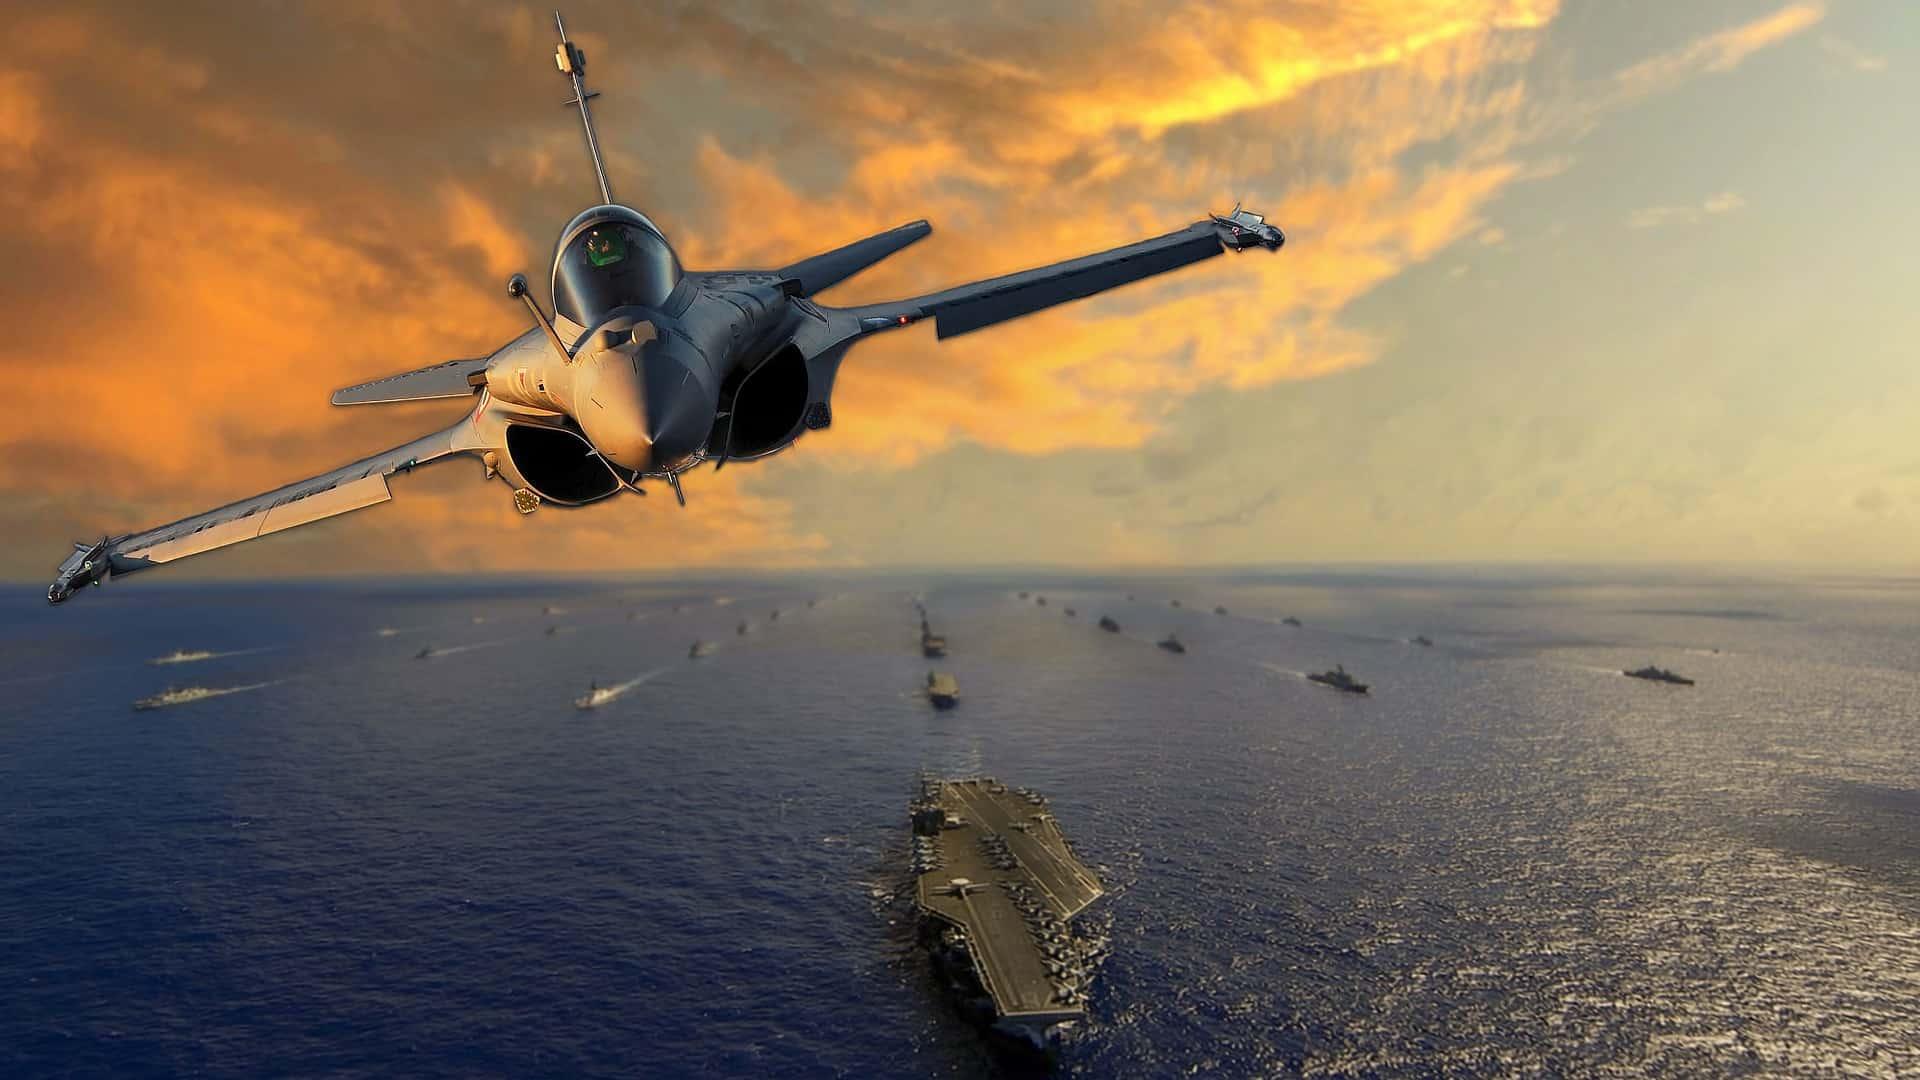 Rafale: Αγοράσαμε περιορισμένη ισχύ σε βάρος Στρατού Και Ναυτικού - Ο αντίλογος στην προμήθεια των γαλλικών αεροσκαφών τροπολογία κιναλ Στη Βουλή τα νομοσχέδια για 12 μίλια στο Ιόνιο και γαλλικά Rafale